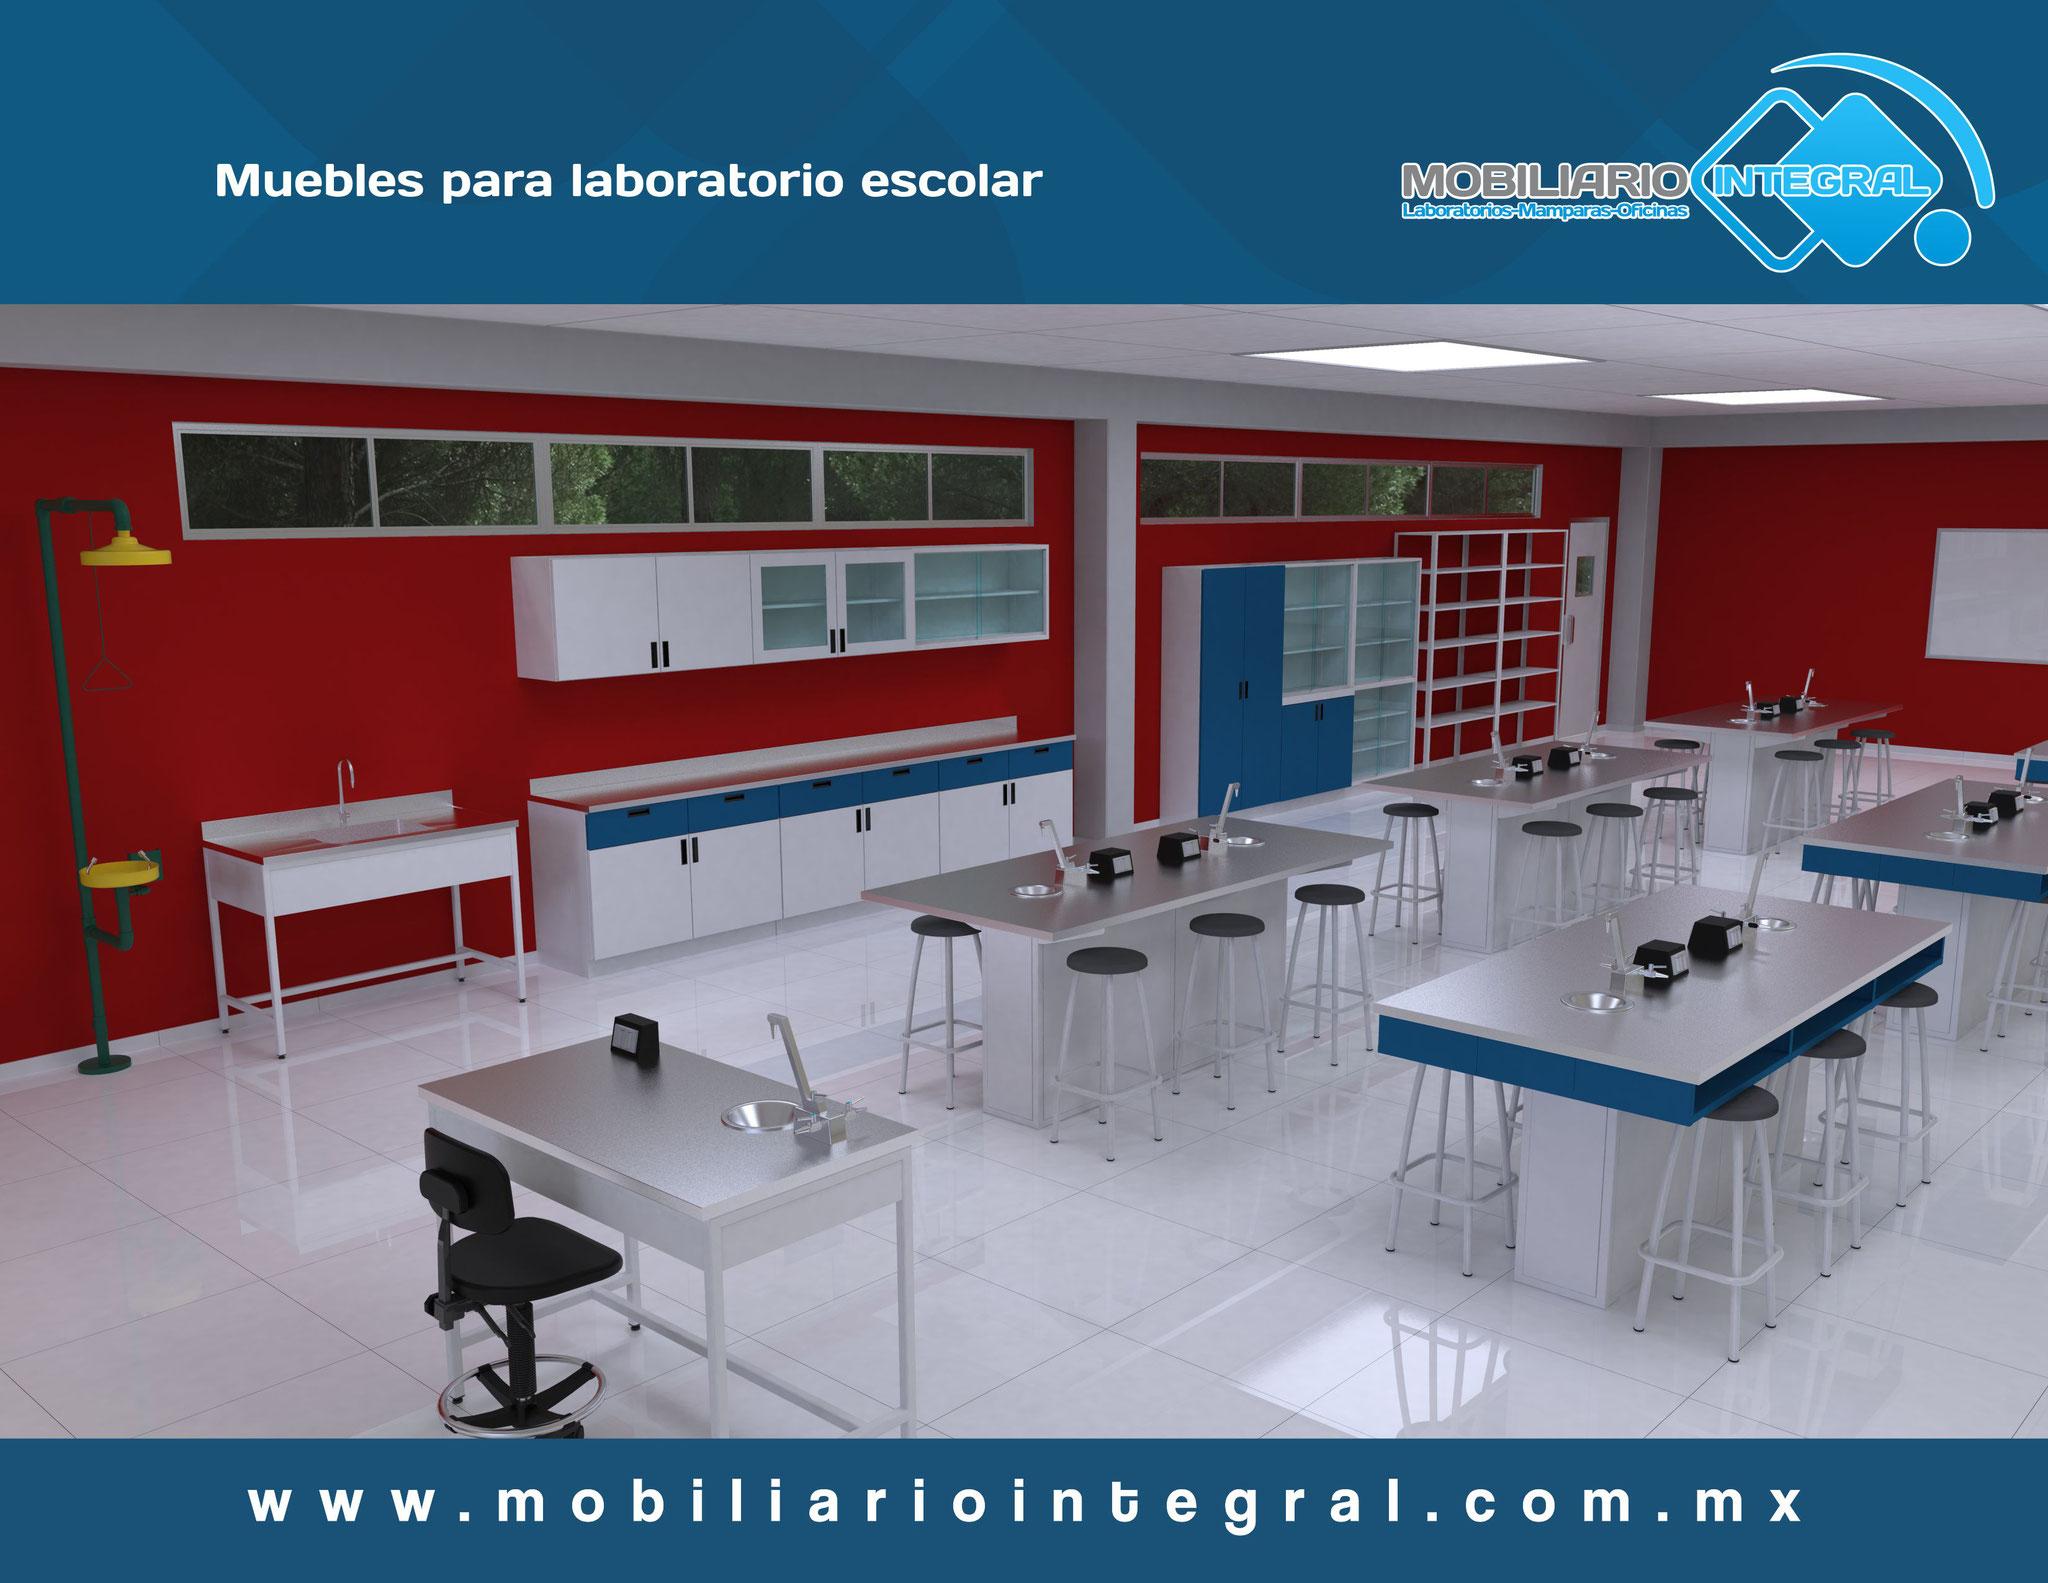 Muebles para laboratorio escolar Yucatán